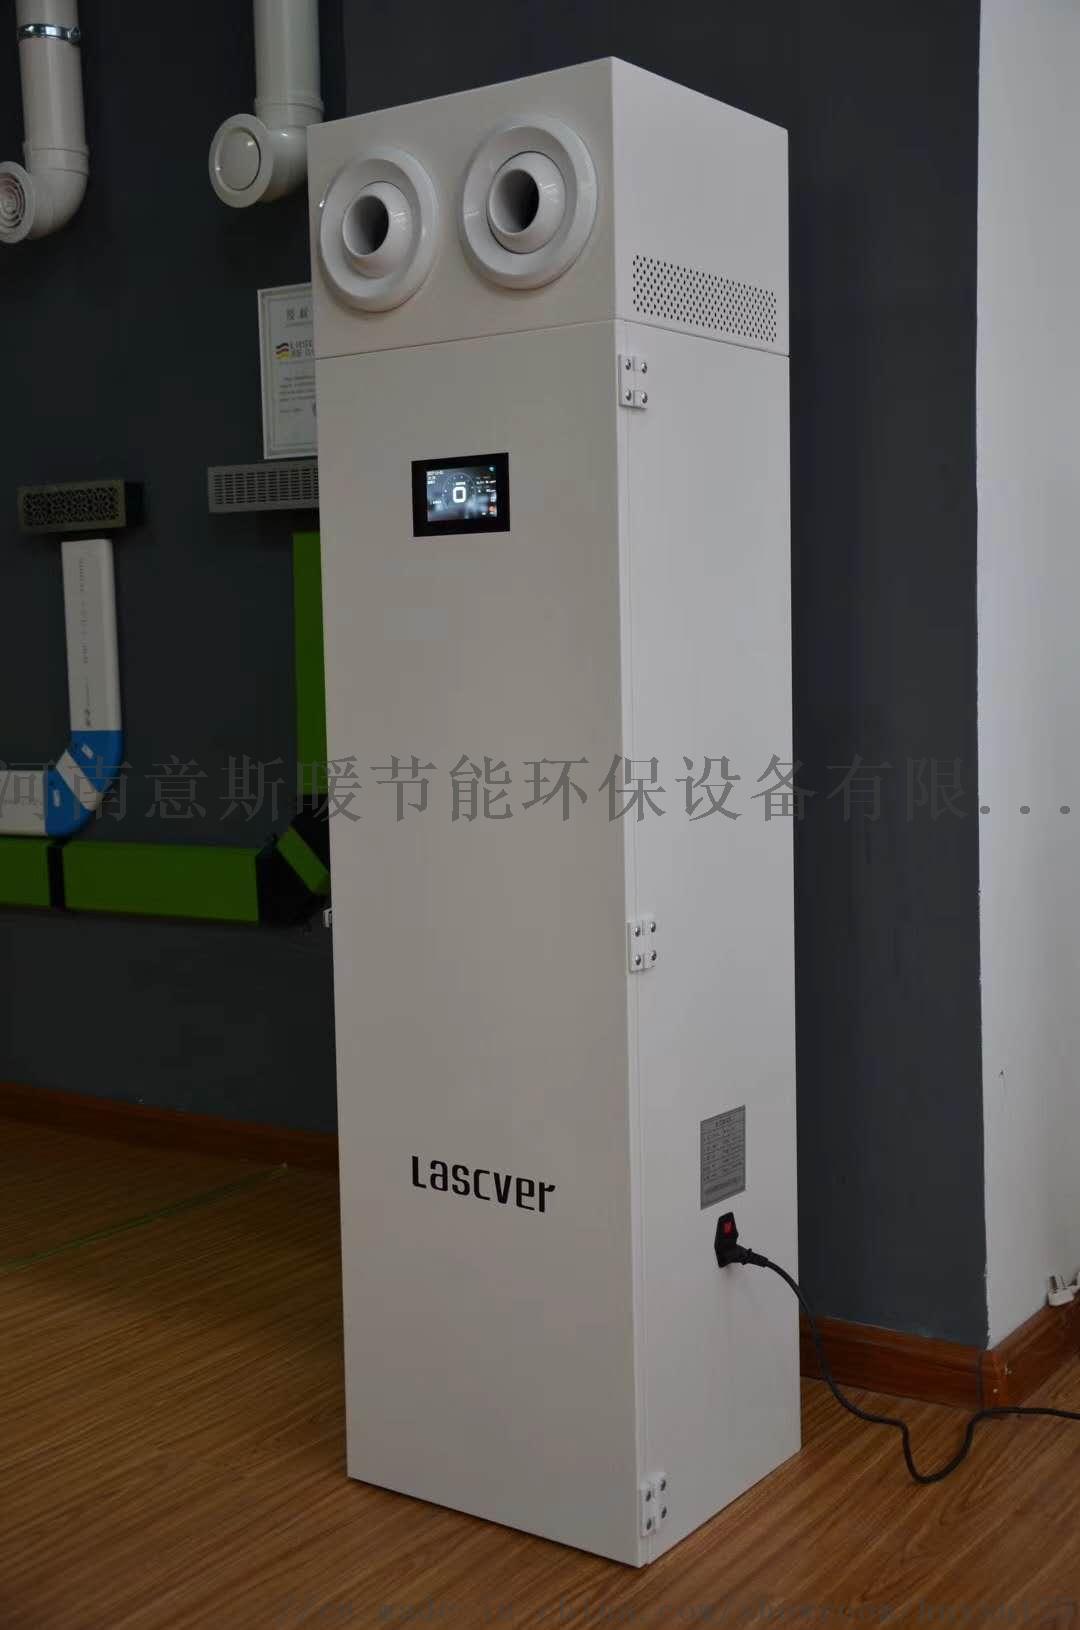 萊斯·克韋爾新風壁掛機智慧家用櫃機限時促銷中107326775